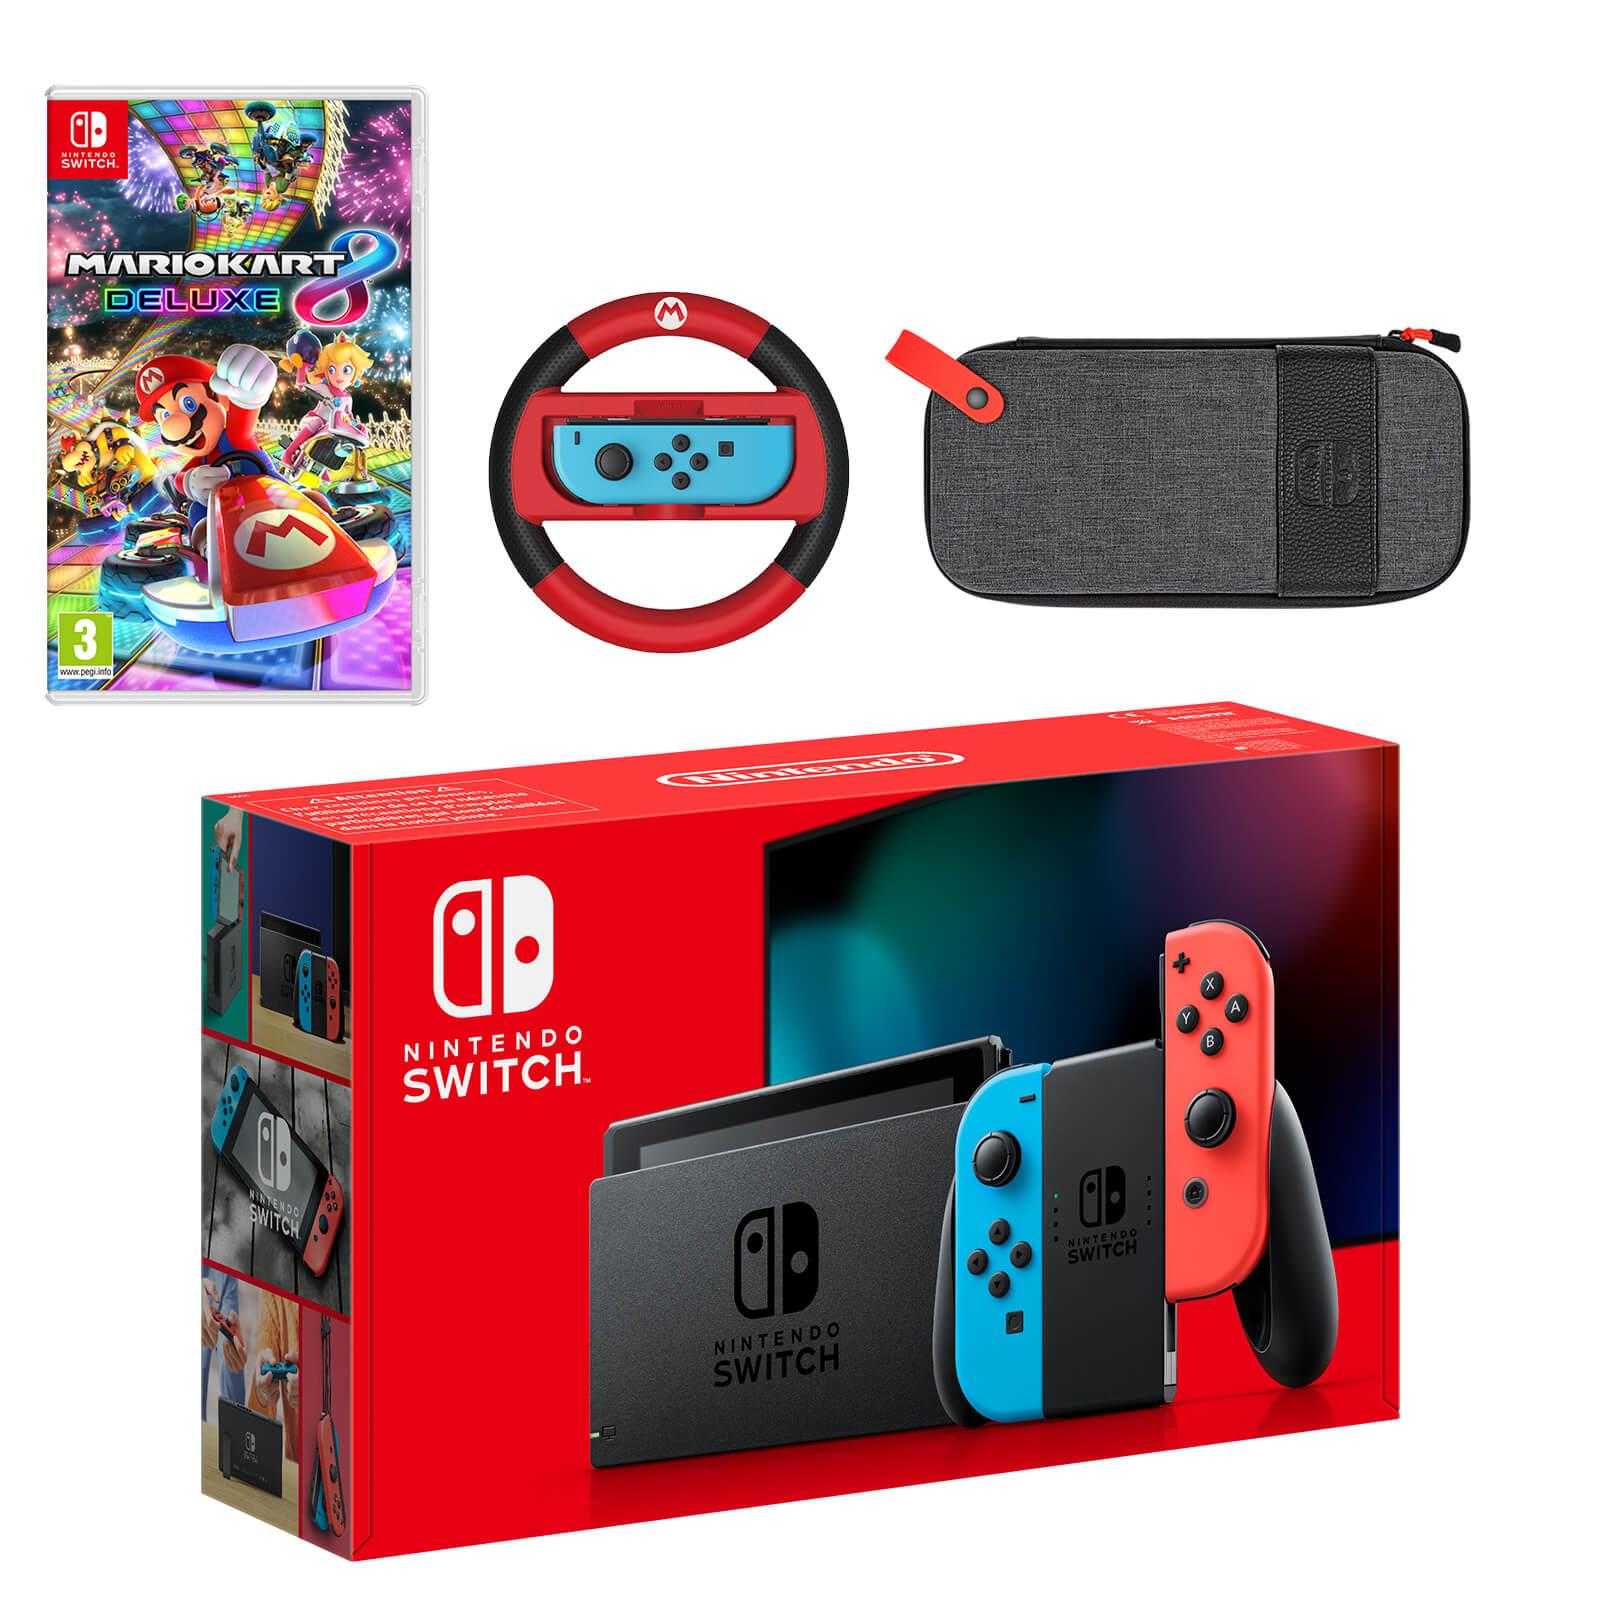 Nintendo Switch Neon Blue Neon Red Mario Kart 8 Deluxe Pack